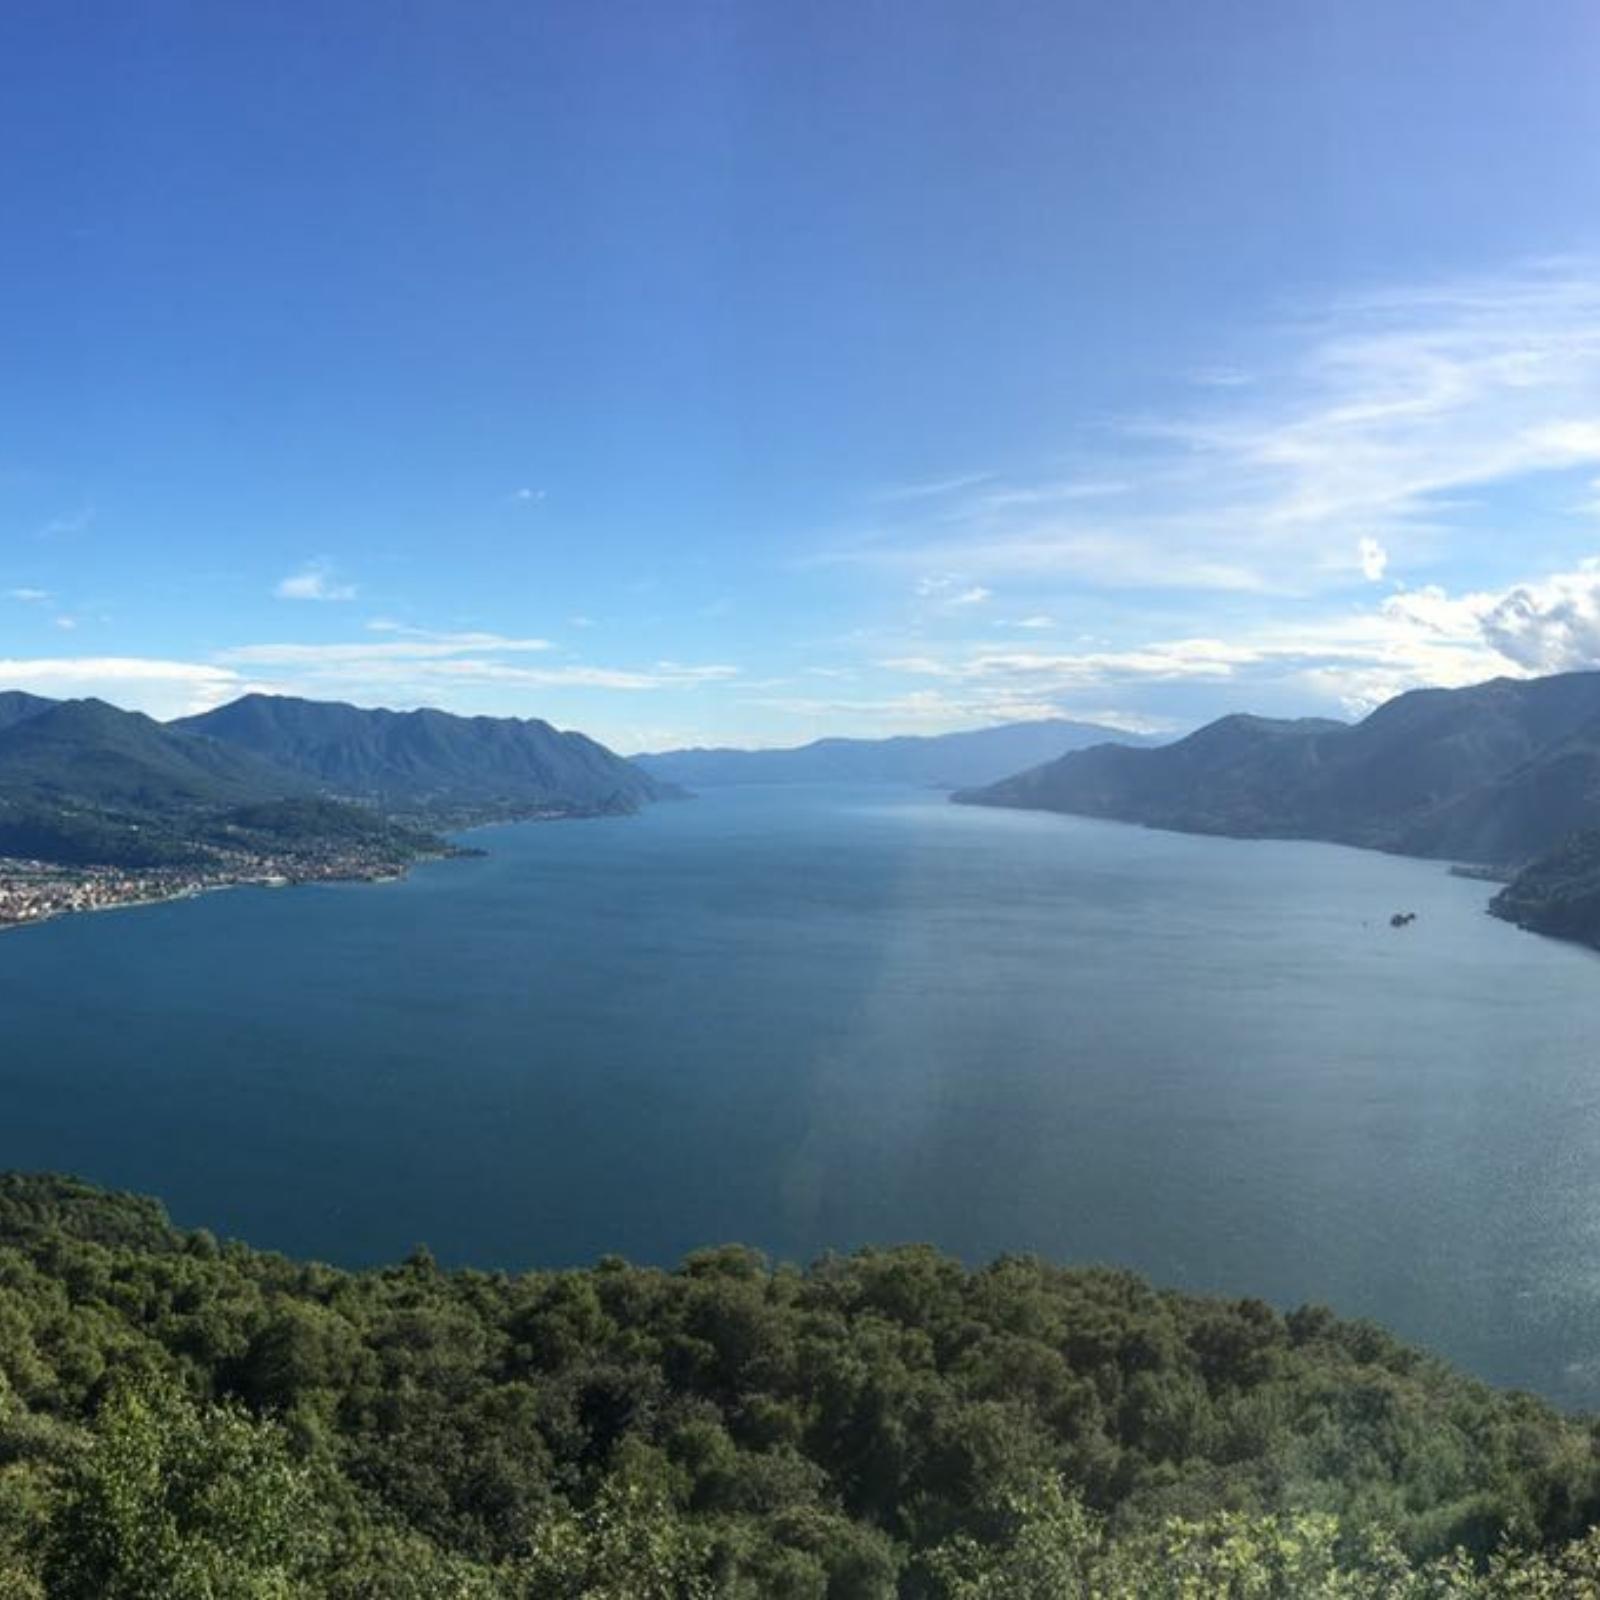 Il mio posto preferito sul Lago Maggiore